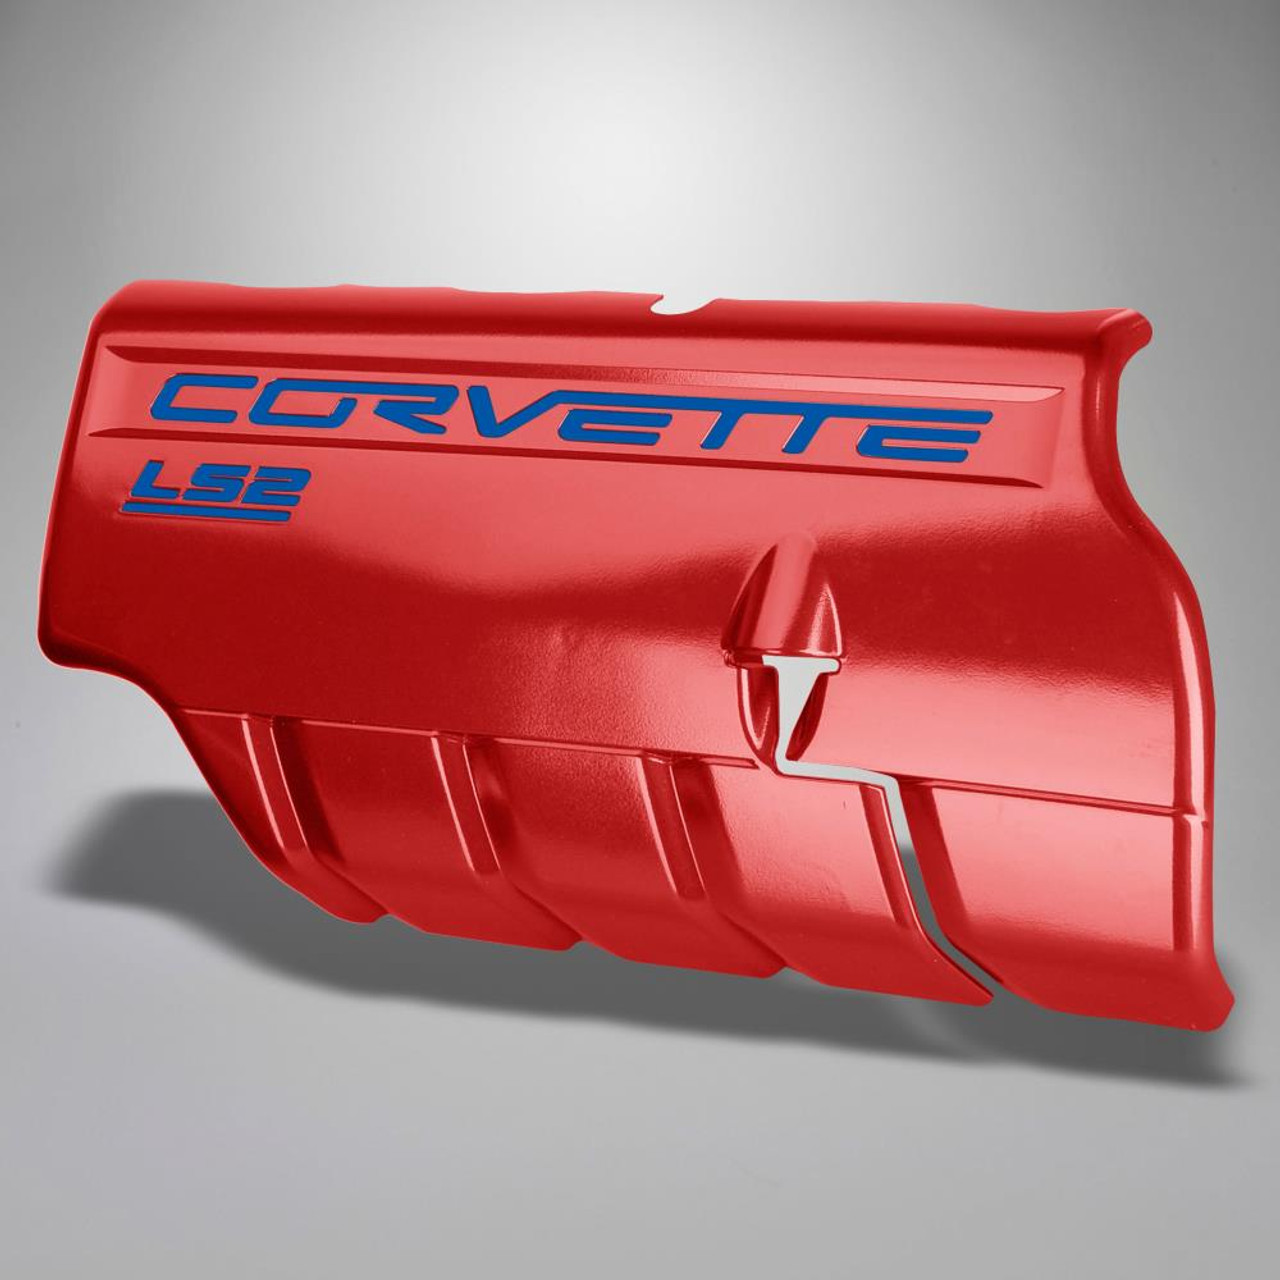 C6 Corvette LS2 Letter Kit - Blue